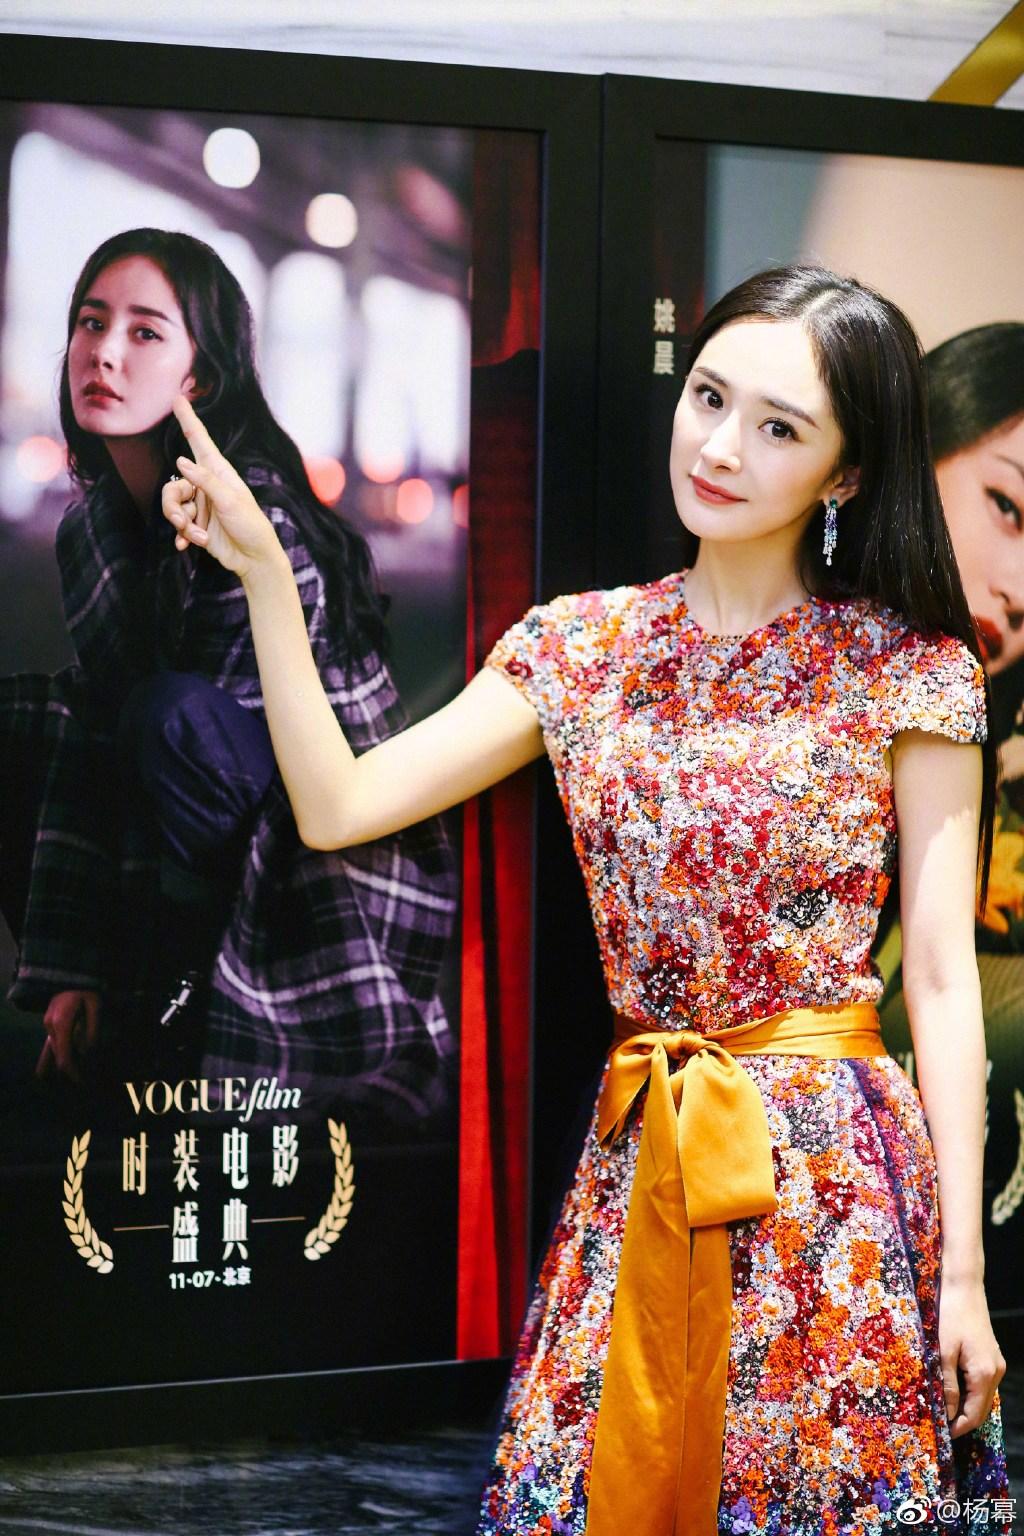 Trước khi ly hôn, Dương Mịch từng hé lộ cuộc sống không hạnh phúc với Lưu Khải Uy - Ảnh 4